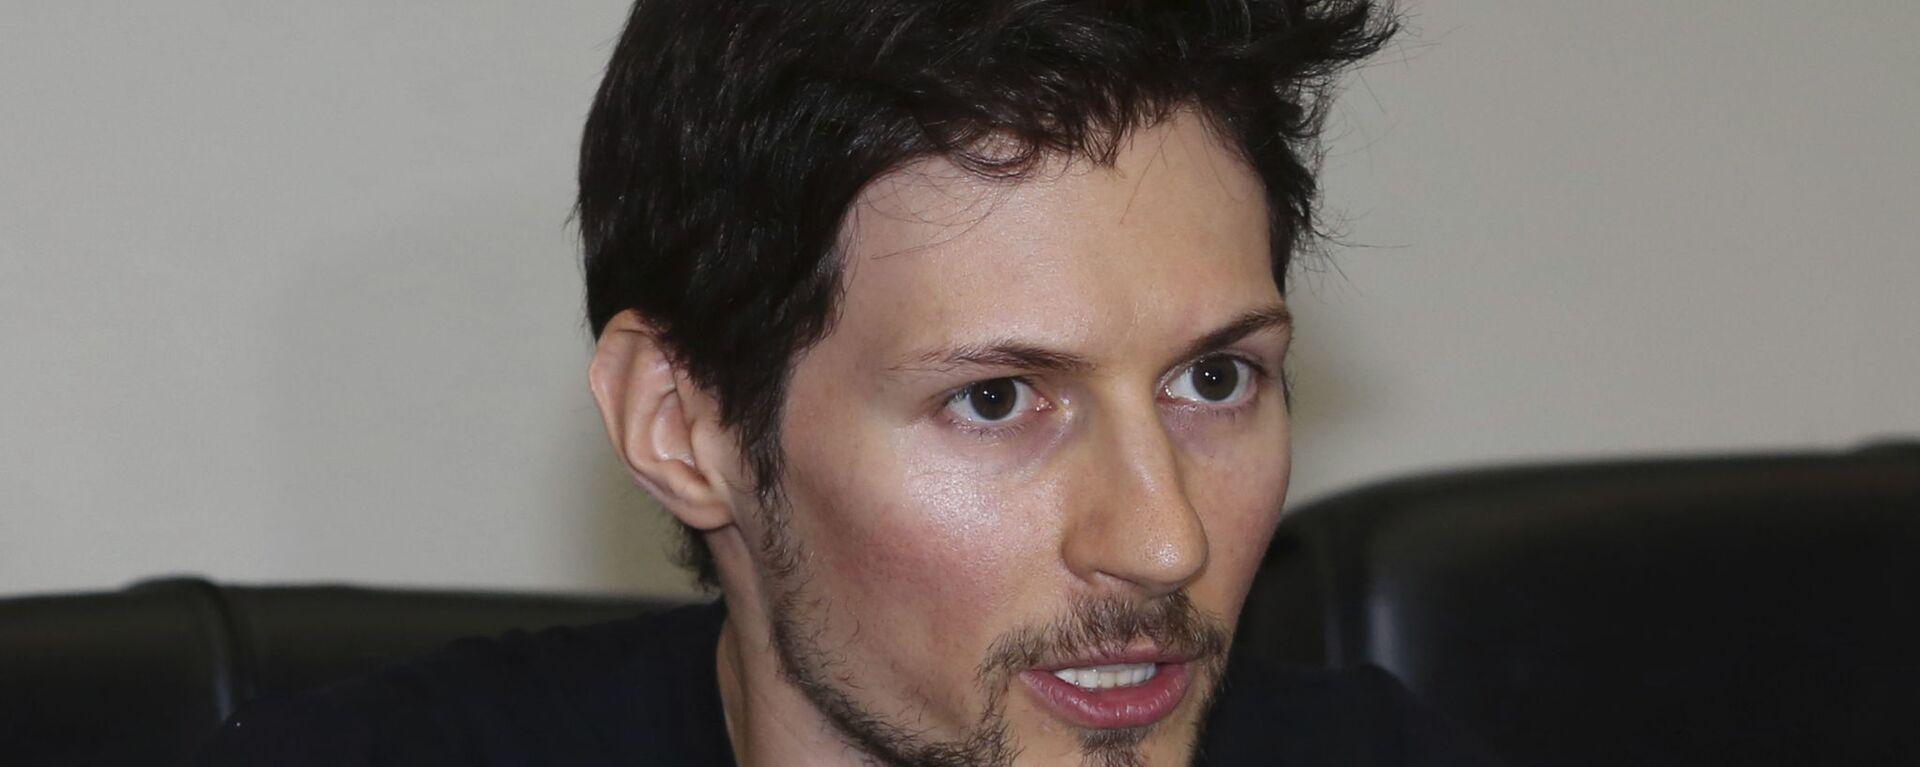 Pavel Durov - Sputnik Česká republika, 1920, 22.05.2021